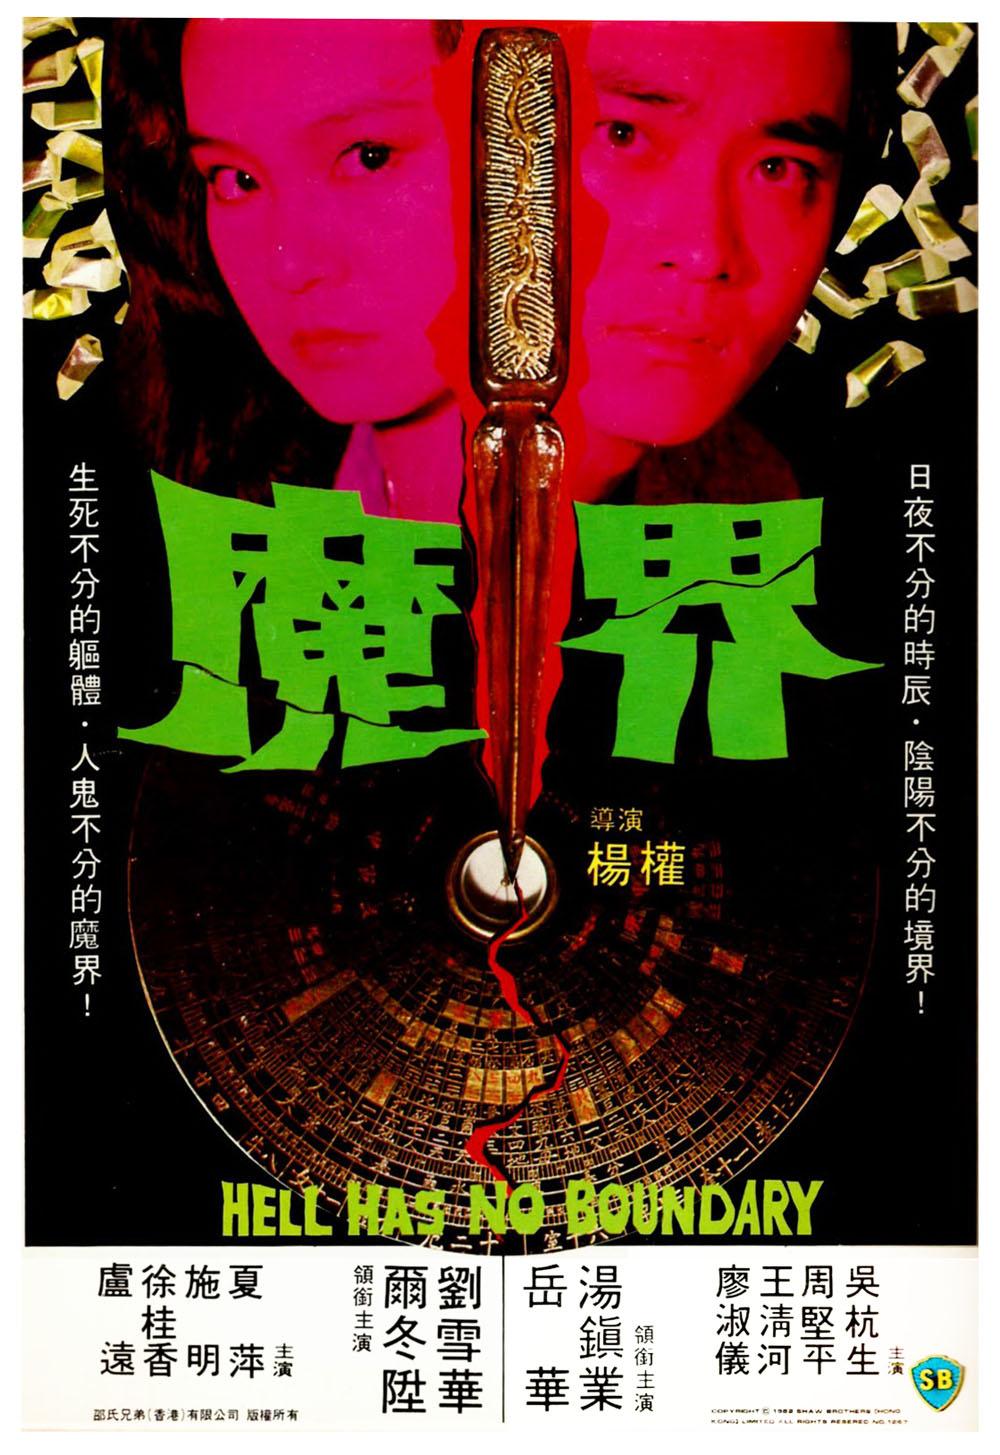 38年前的邵氏无畏片,狠心怙恃对于女儿有多恶,看完引人反思:唐朝豪放女下载